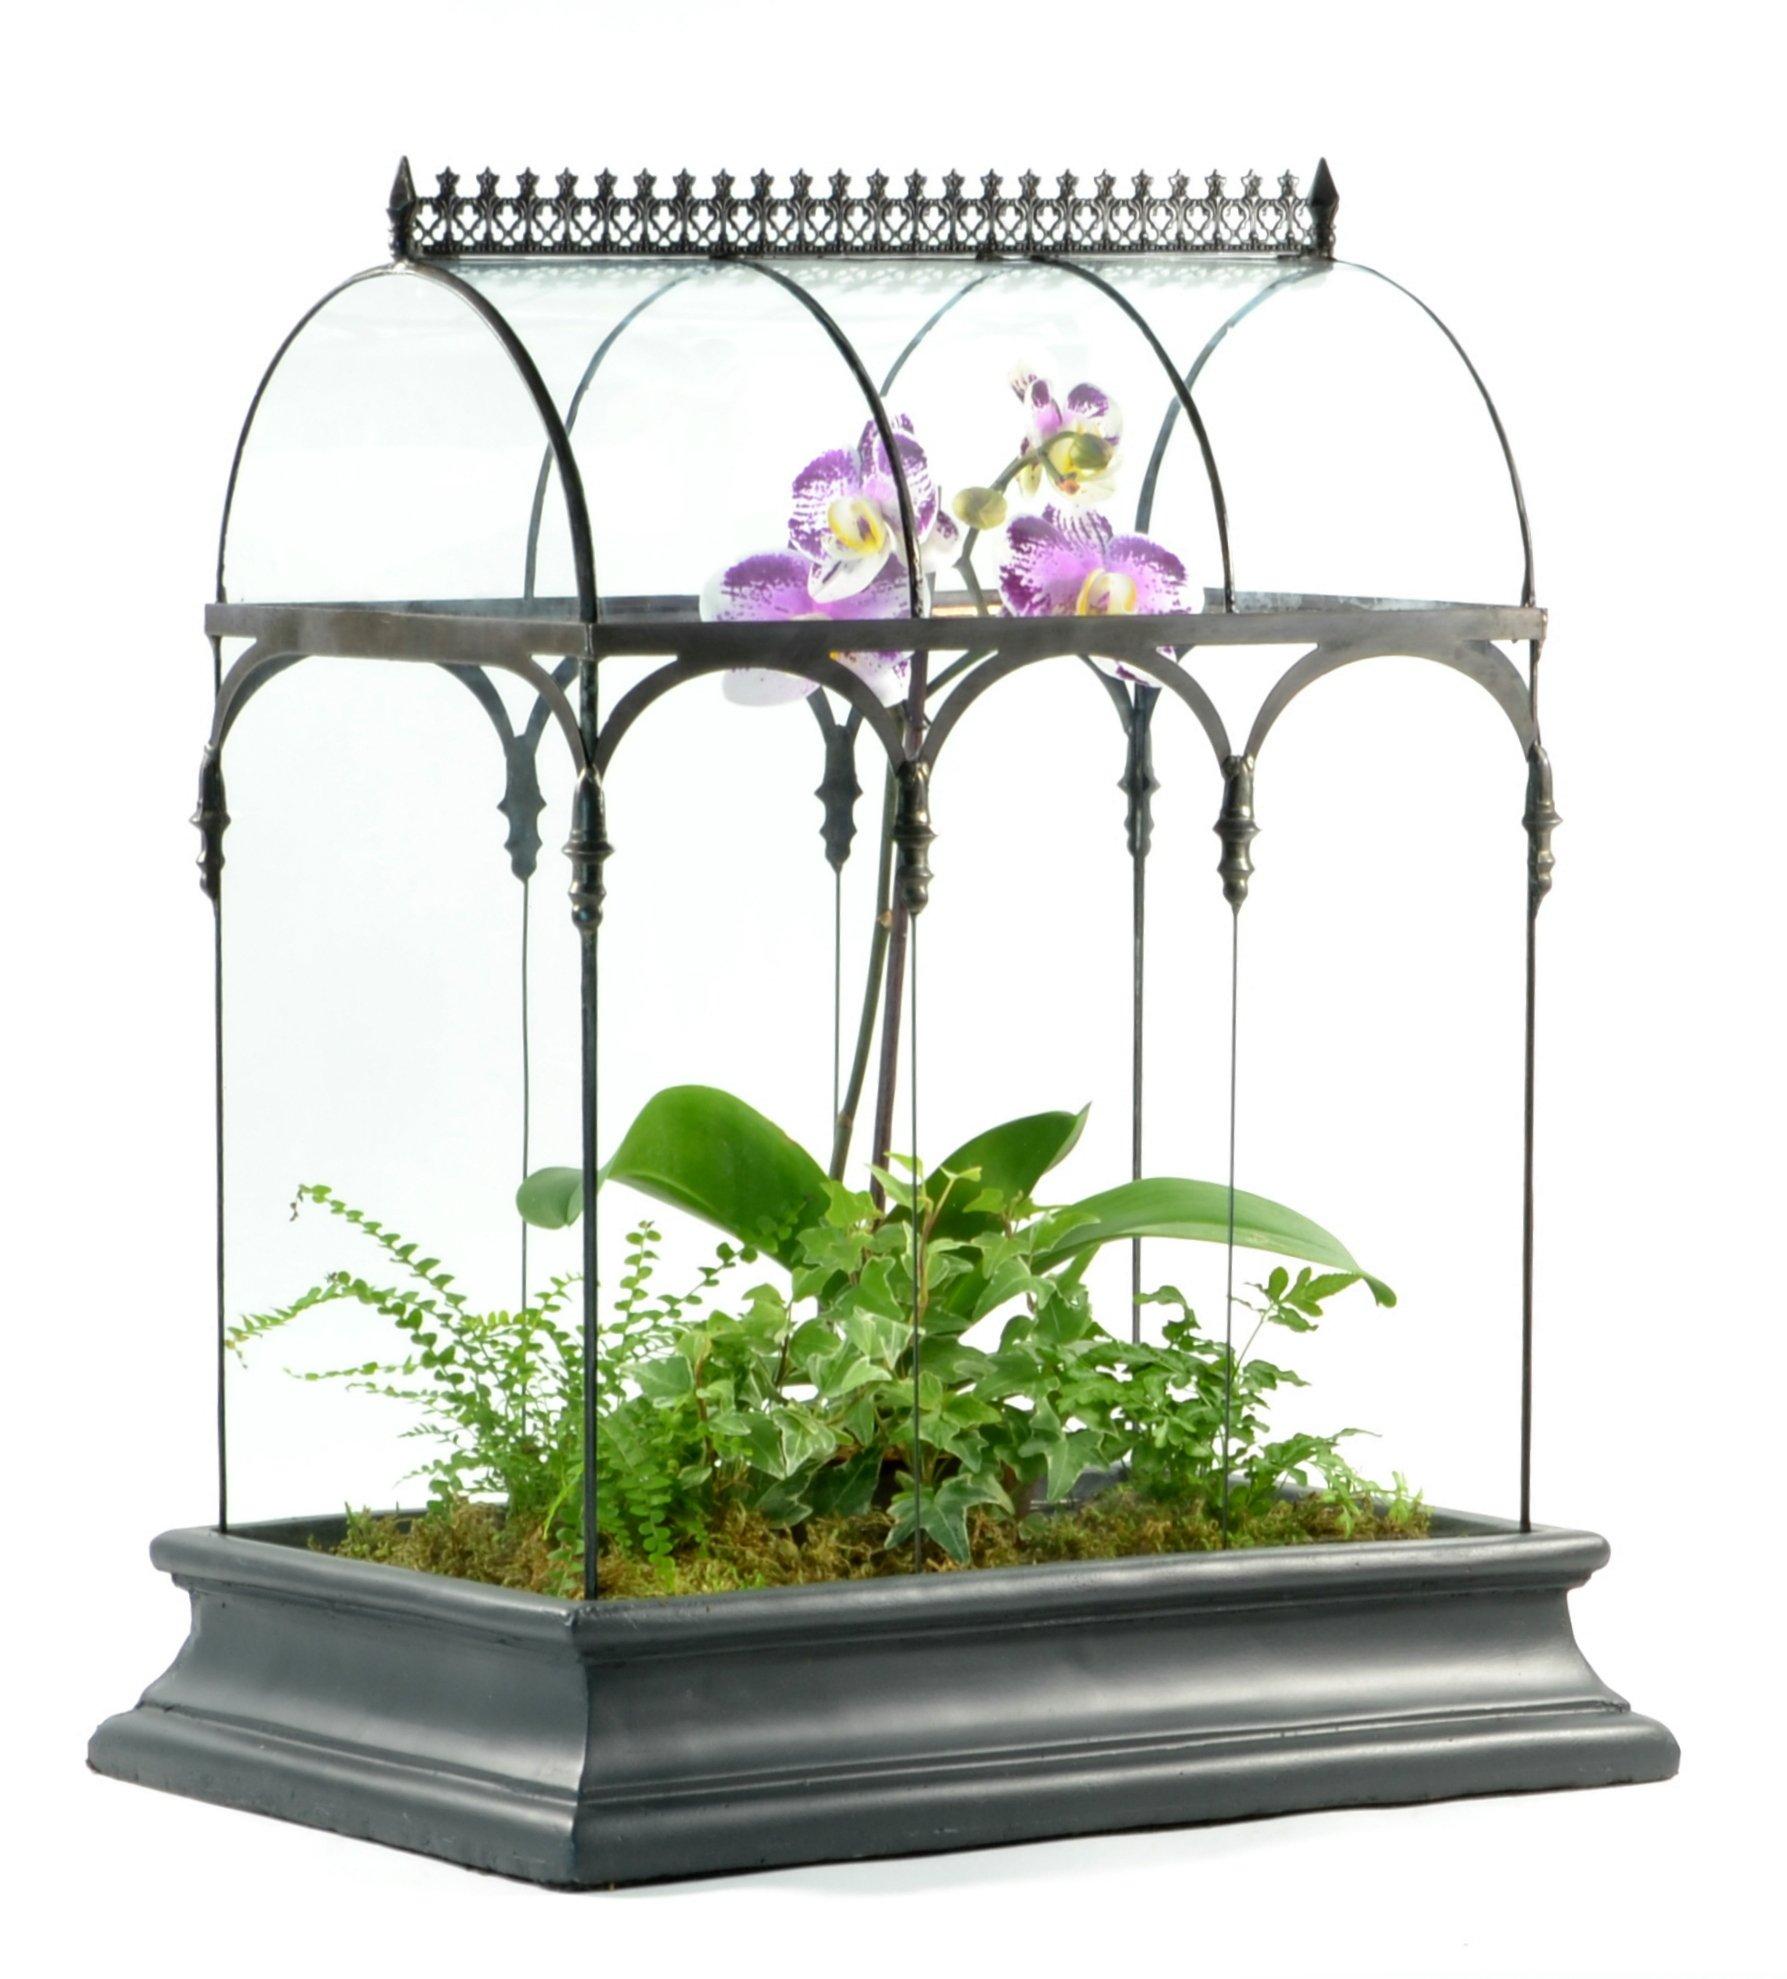 H Potter Glass Plant Terrarium Planter Container Wardian Case by H Potter